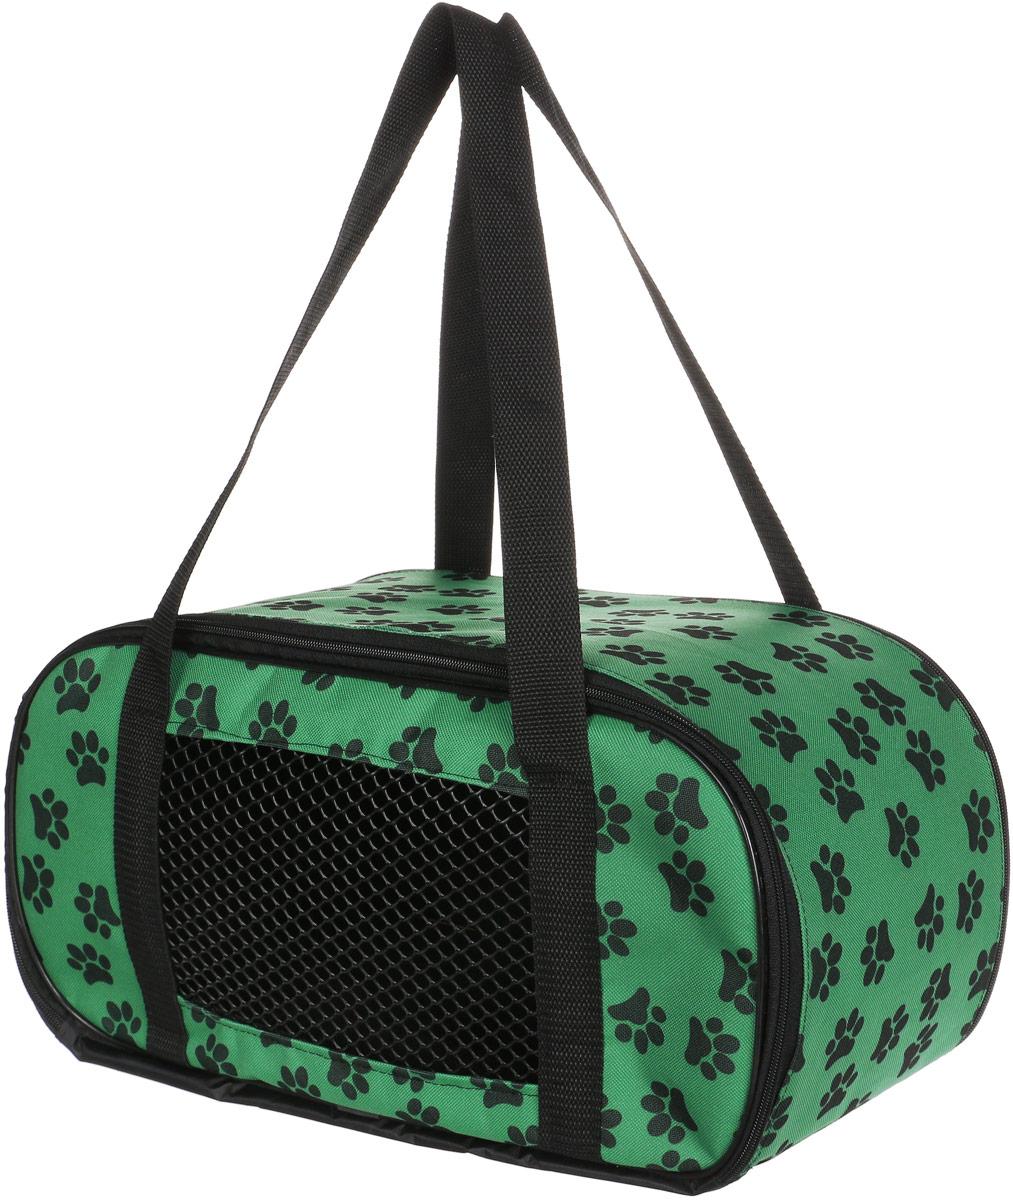 ТЕРЕМОК Сумка-переноска овальная малая, цвет: зеленый - Переноски, товары для транспортировки